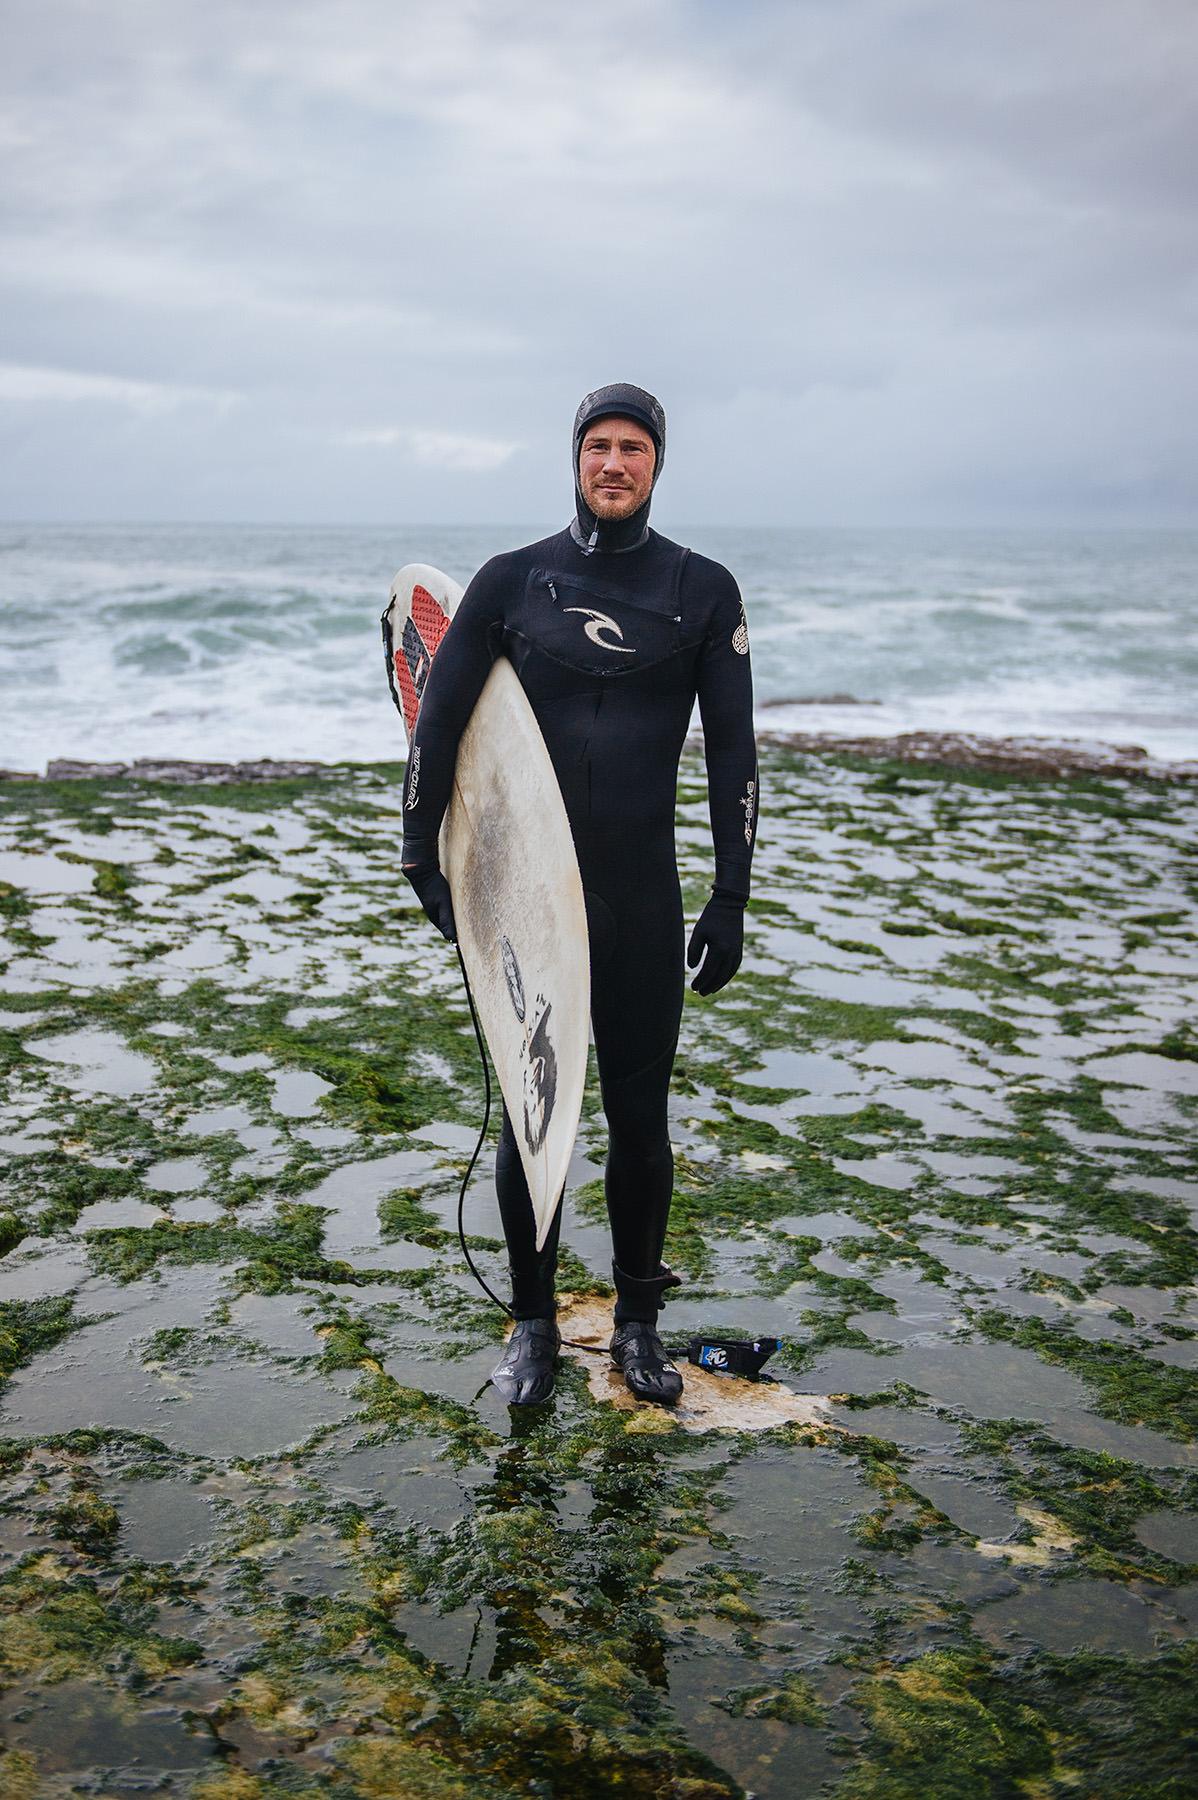 winter-surfing-ireland-sport-adventure-12.jpg